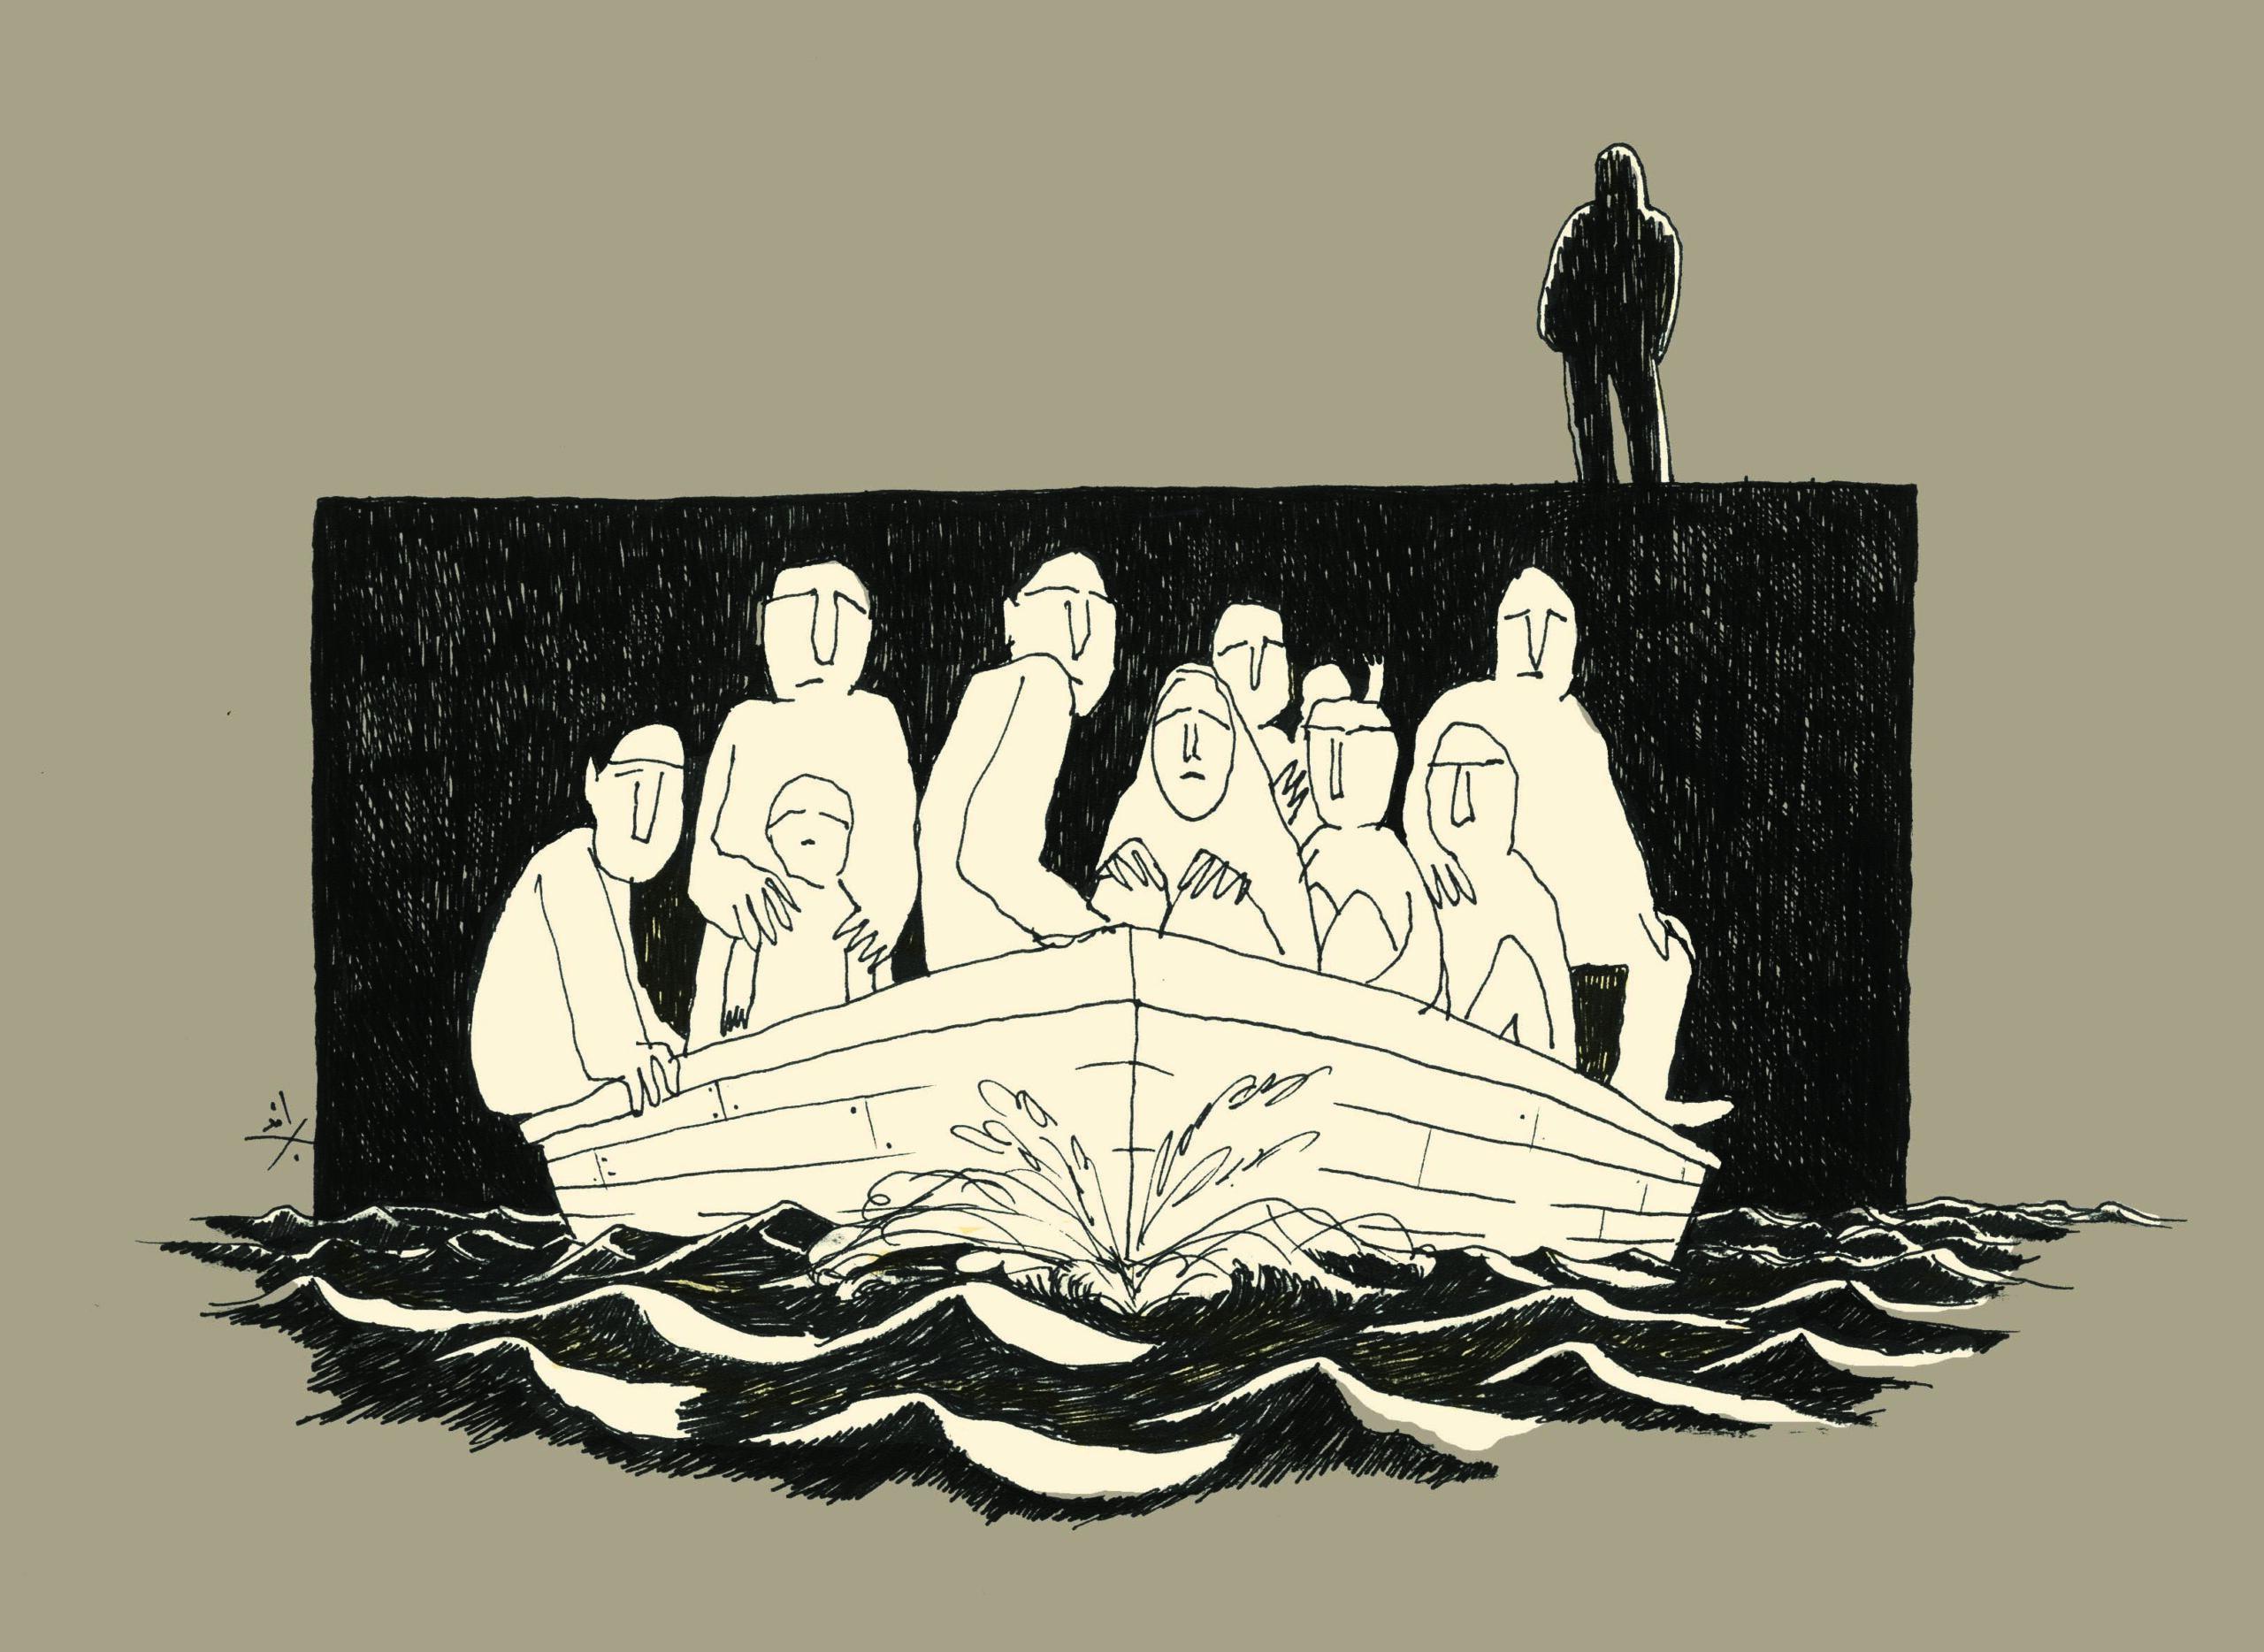 هل يشمل التلقيح المهاجرين غير النظاميين في تونس؟